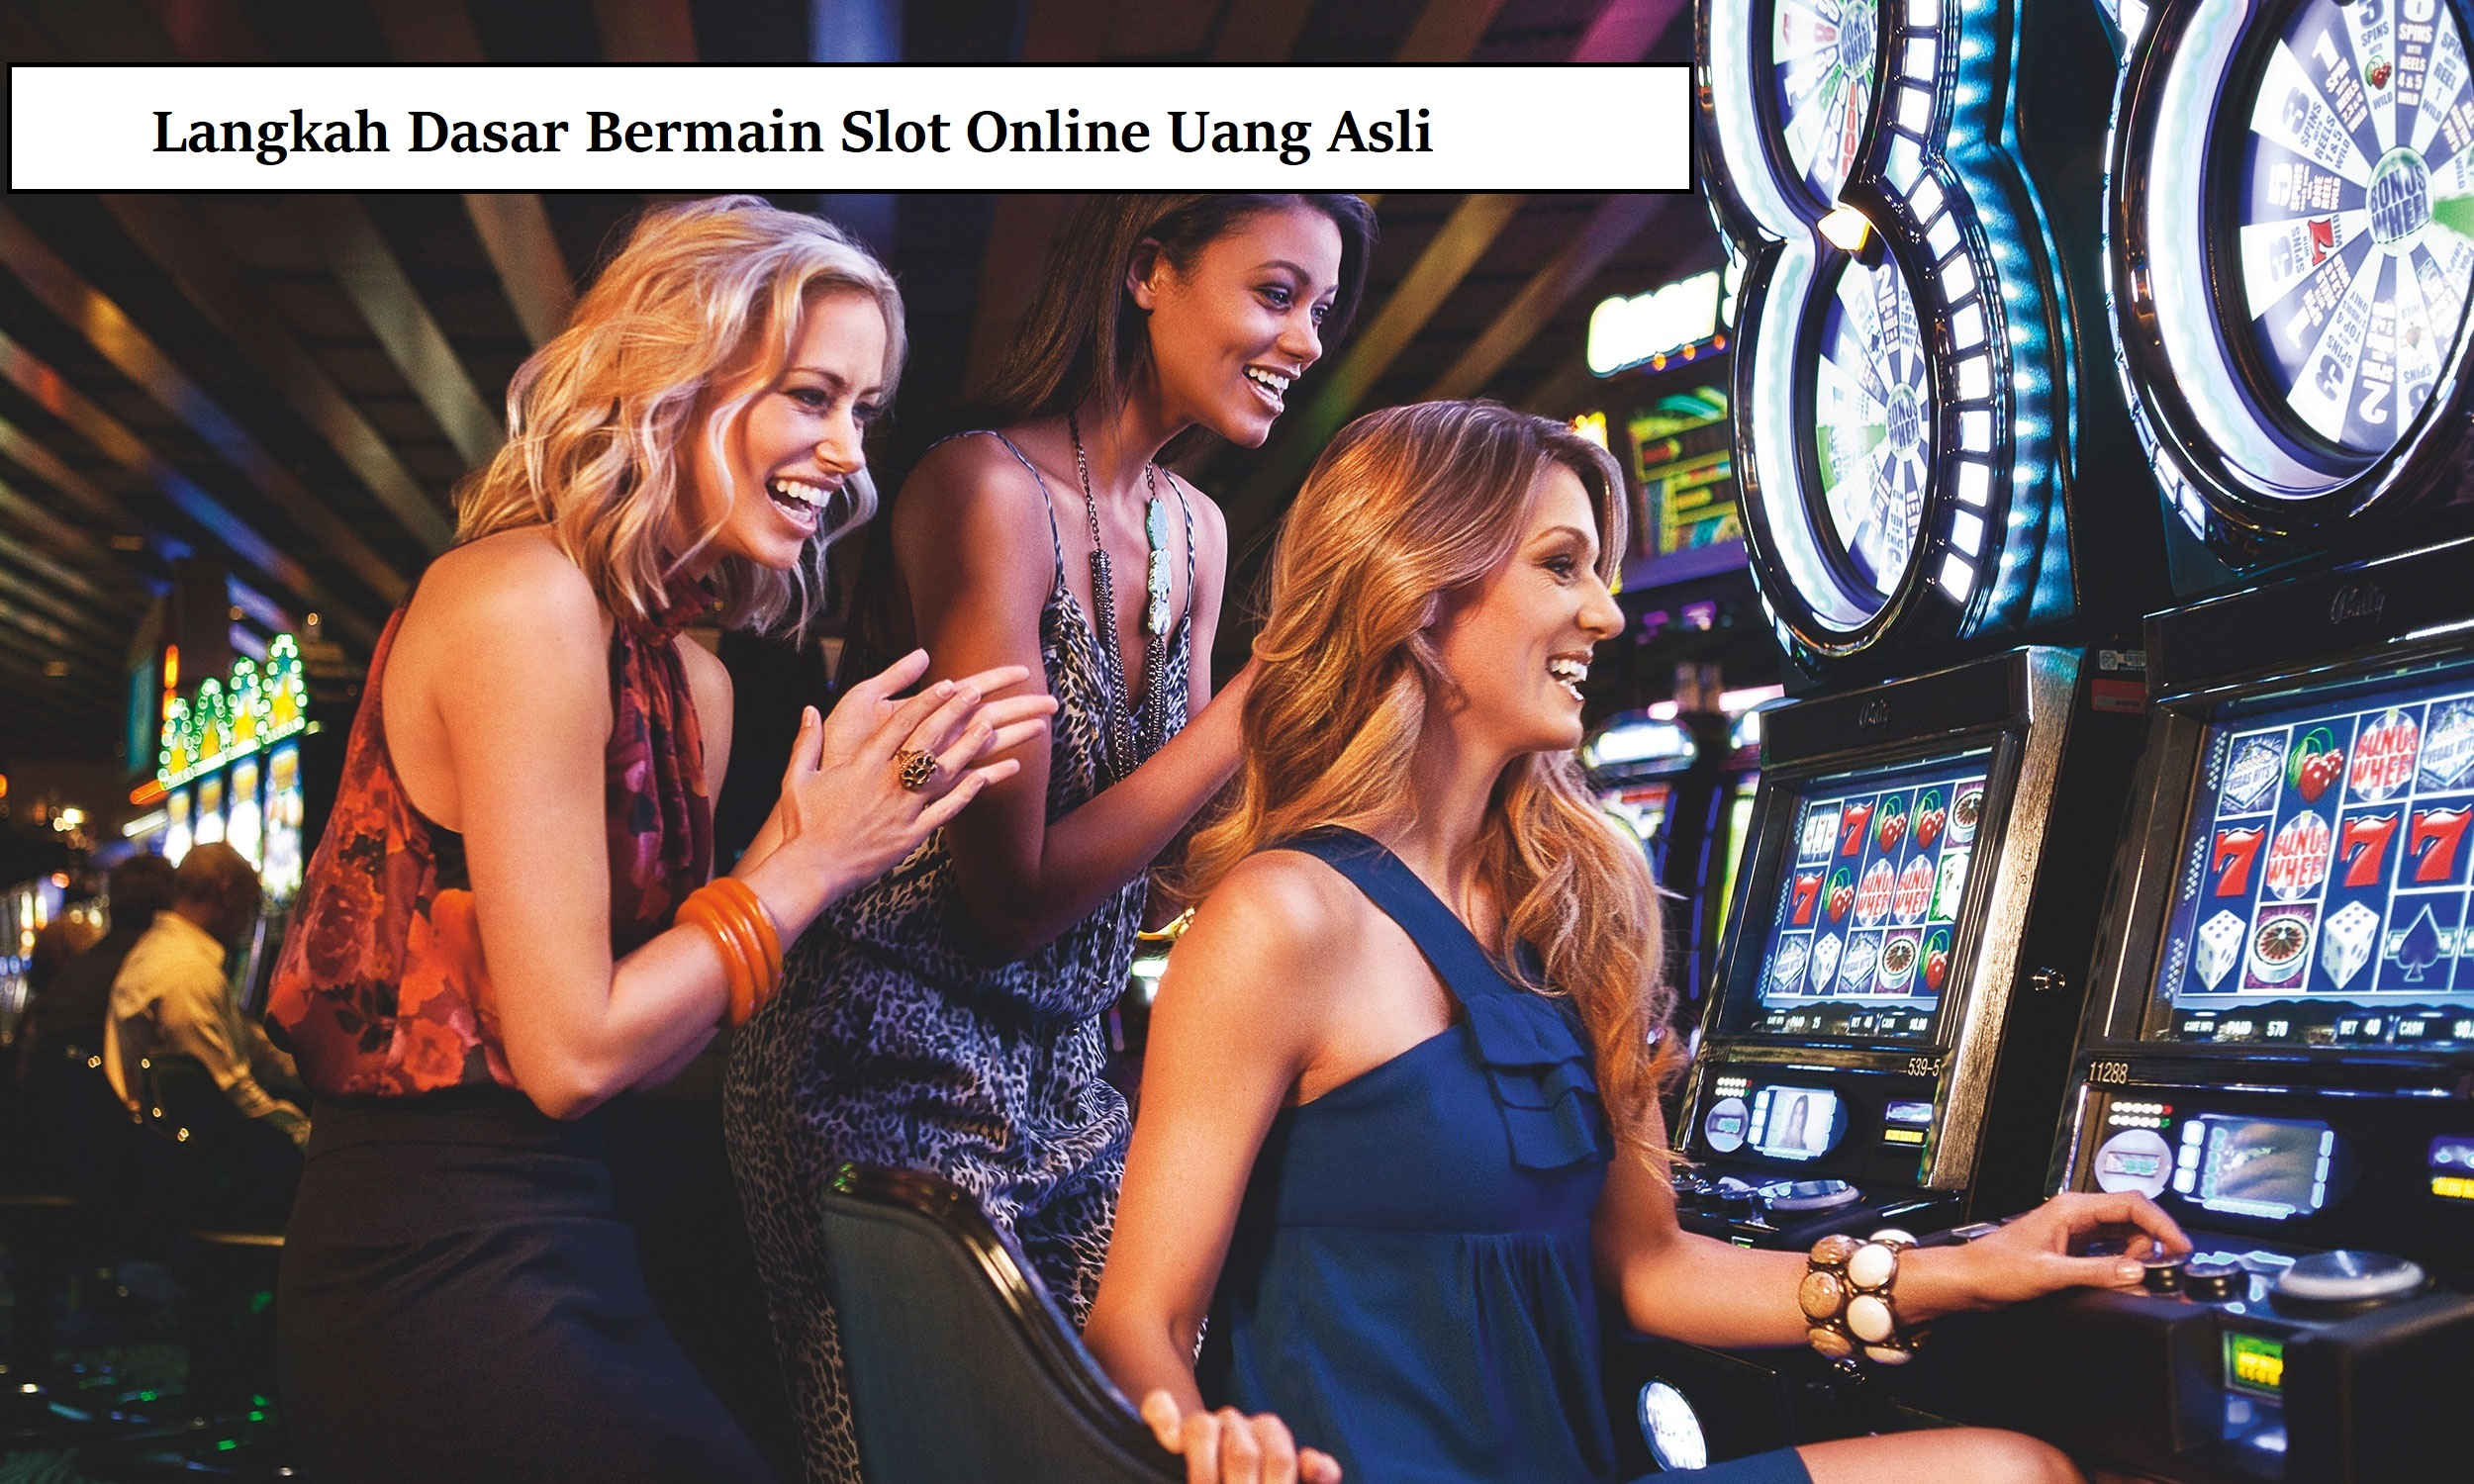 Langkah Dasar Bermain Slot Online Uang Asli